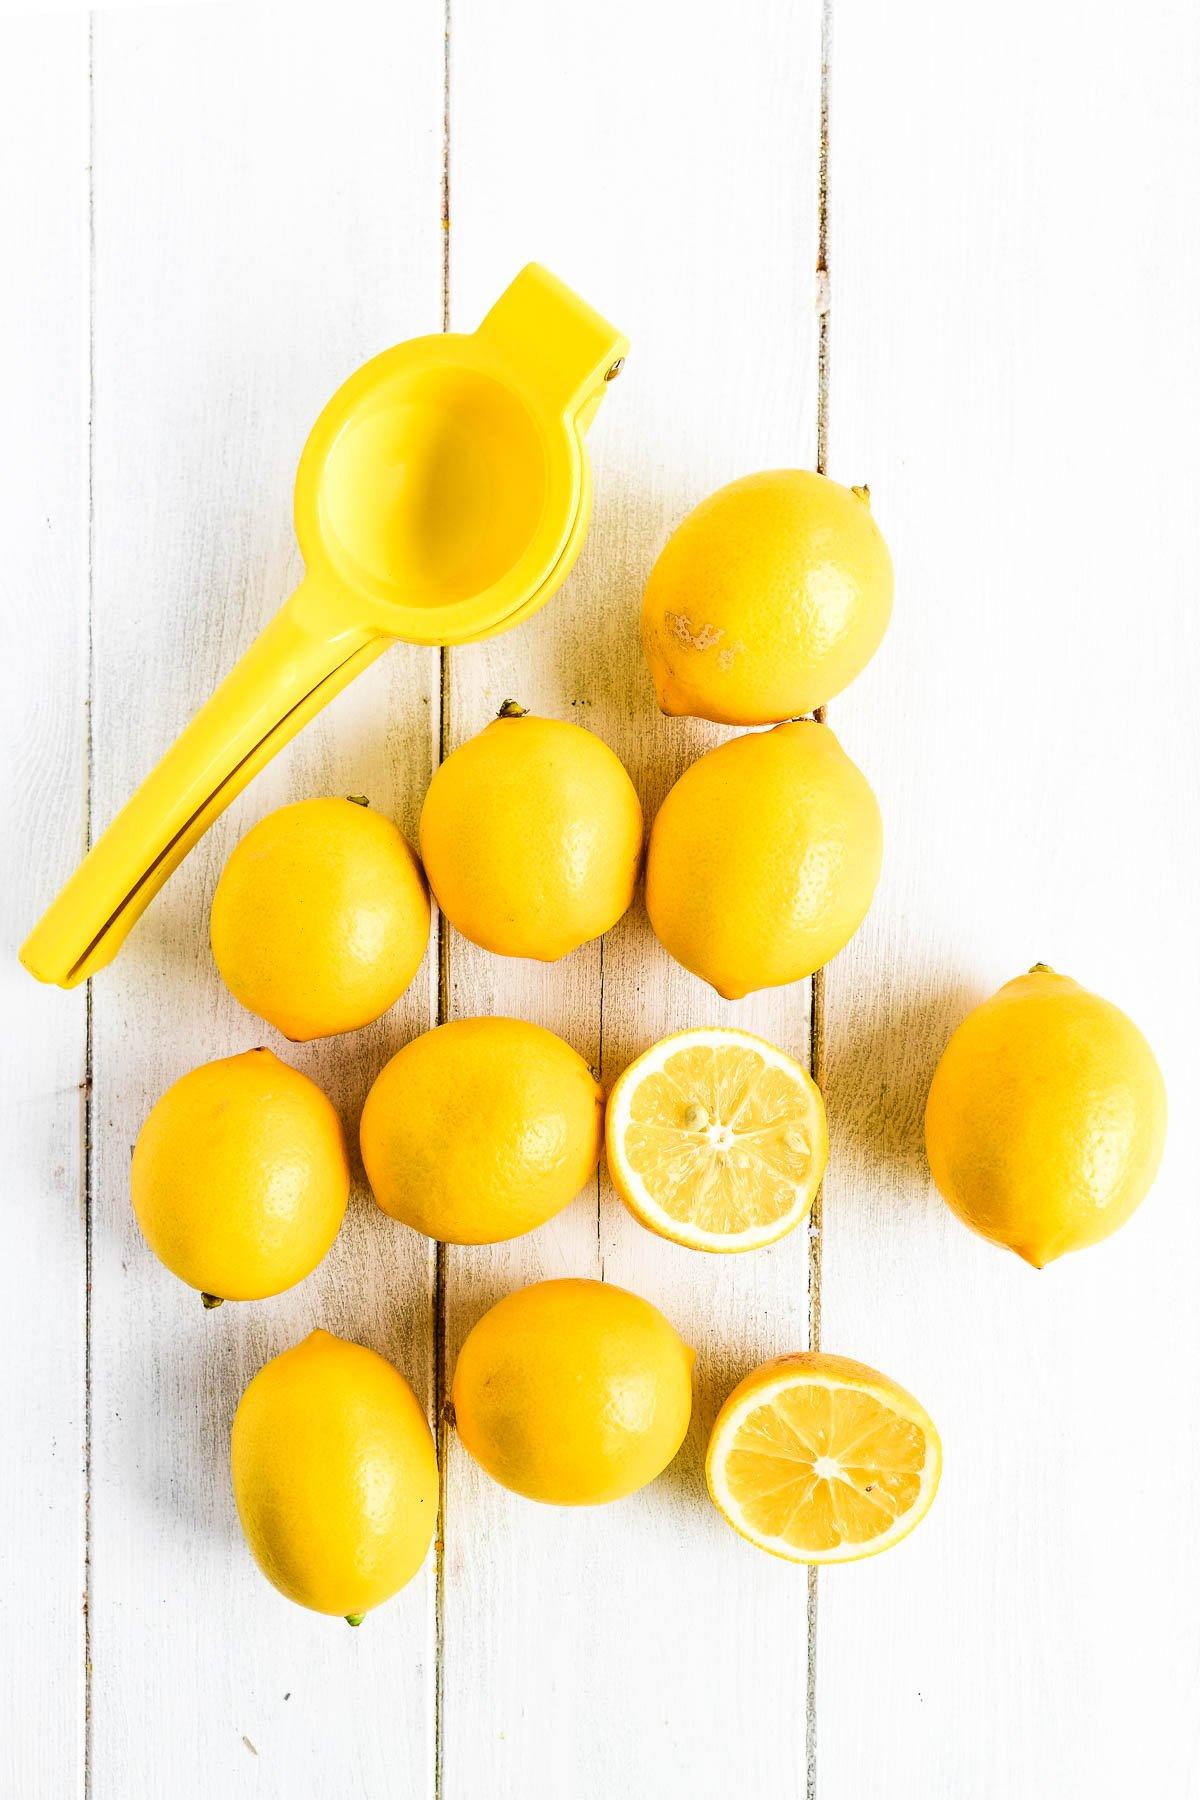 Meyer lemons with juicer